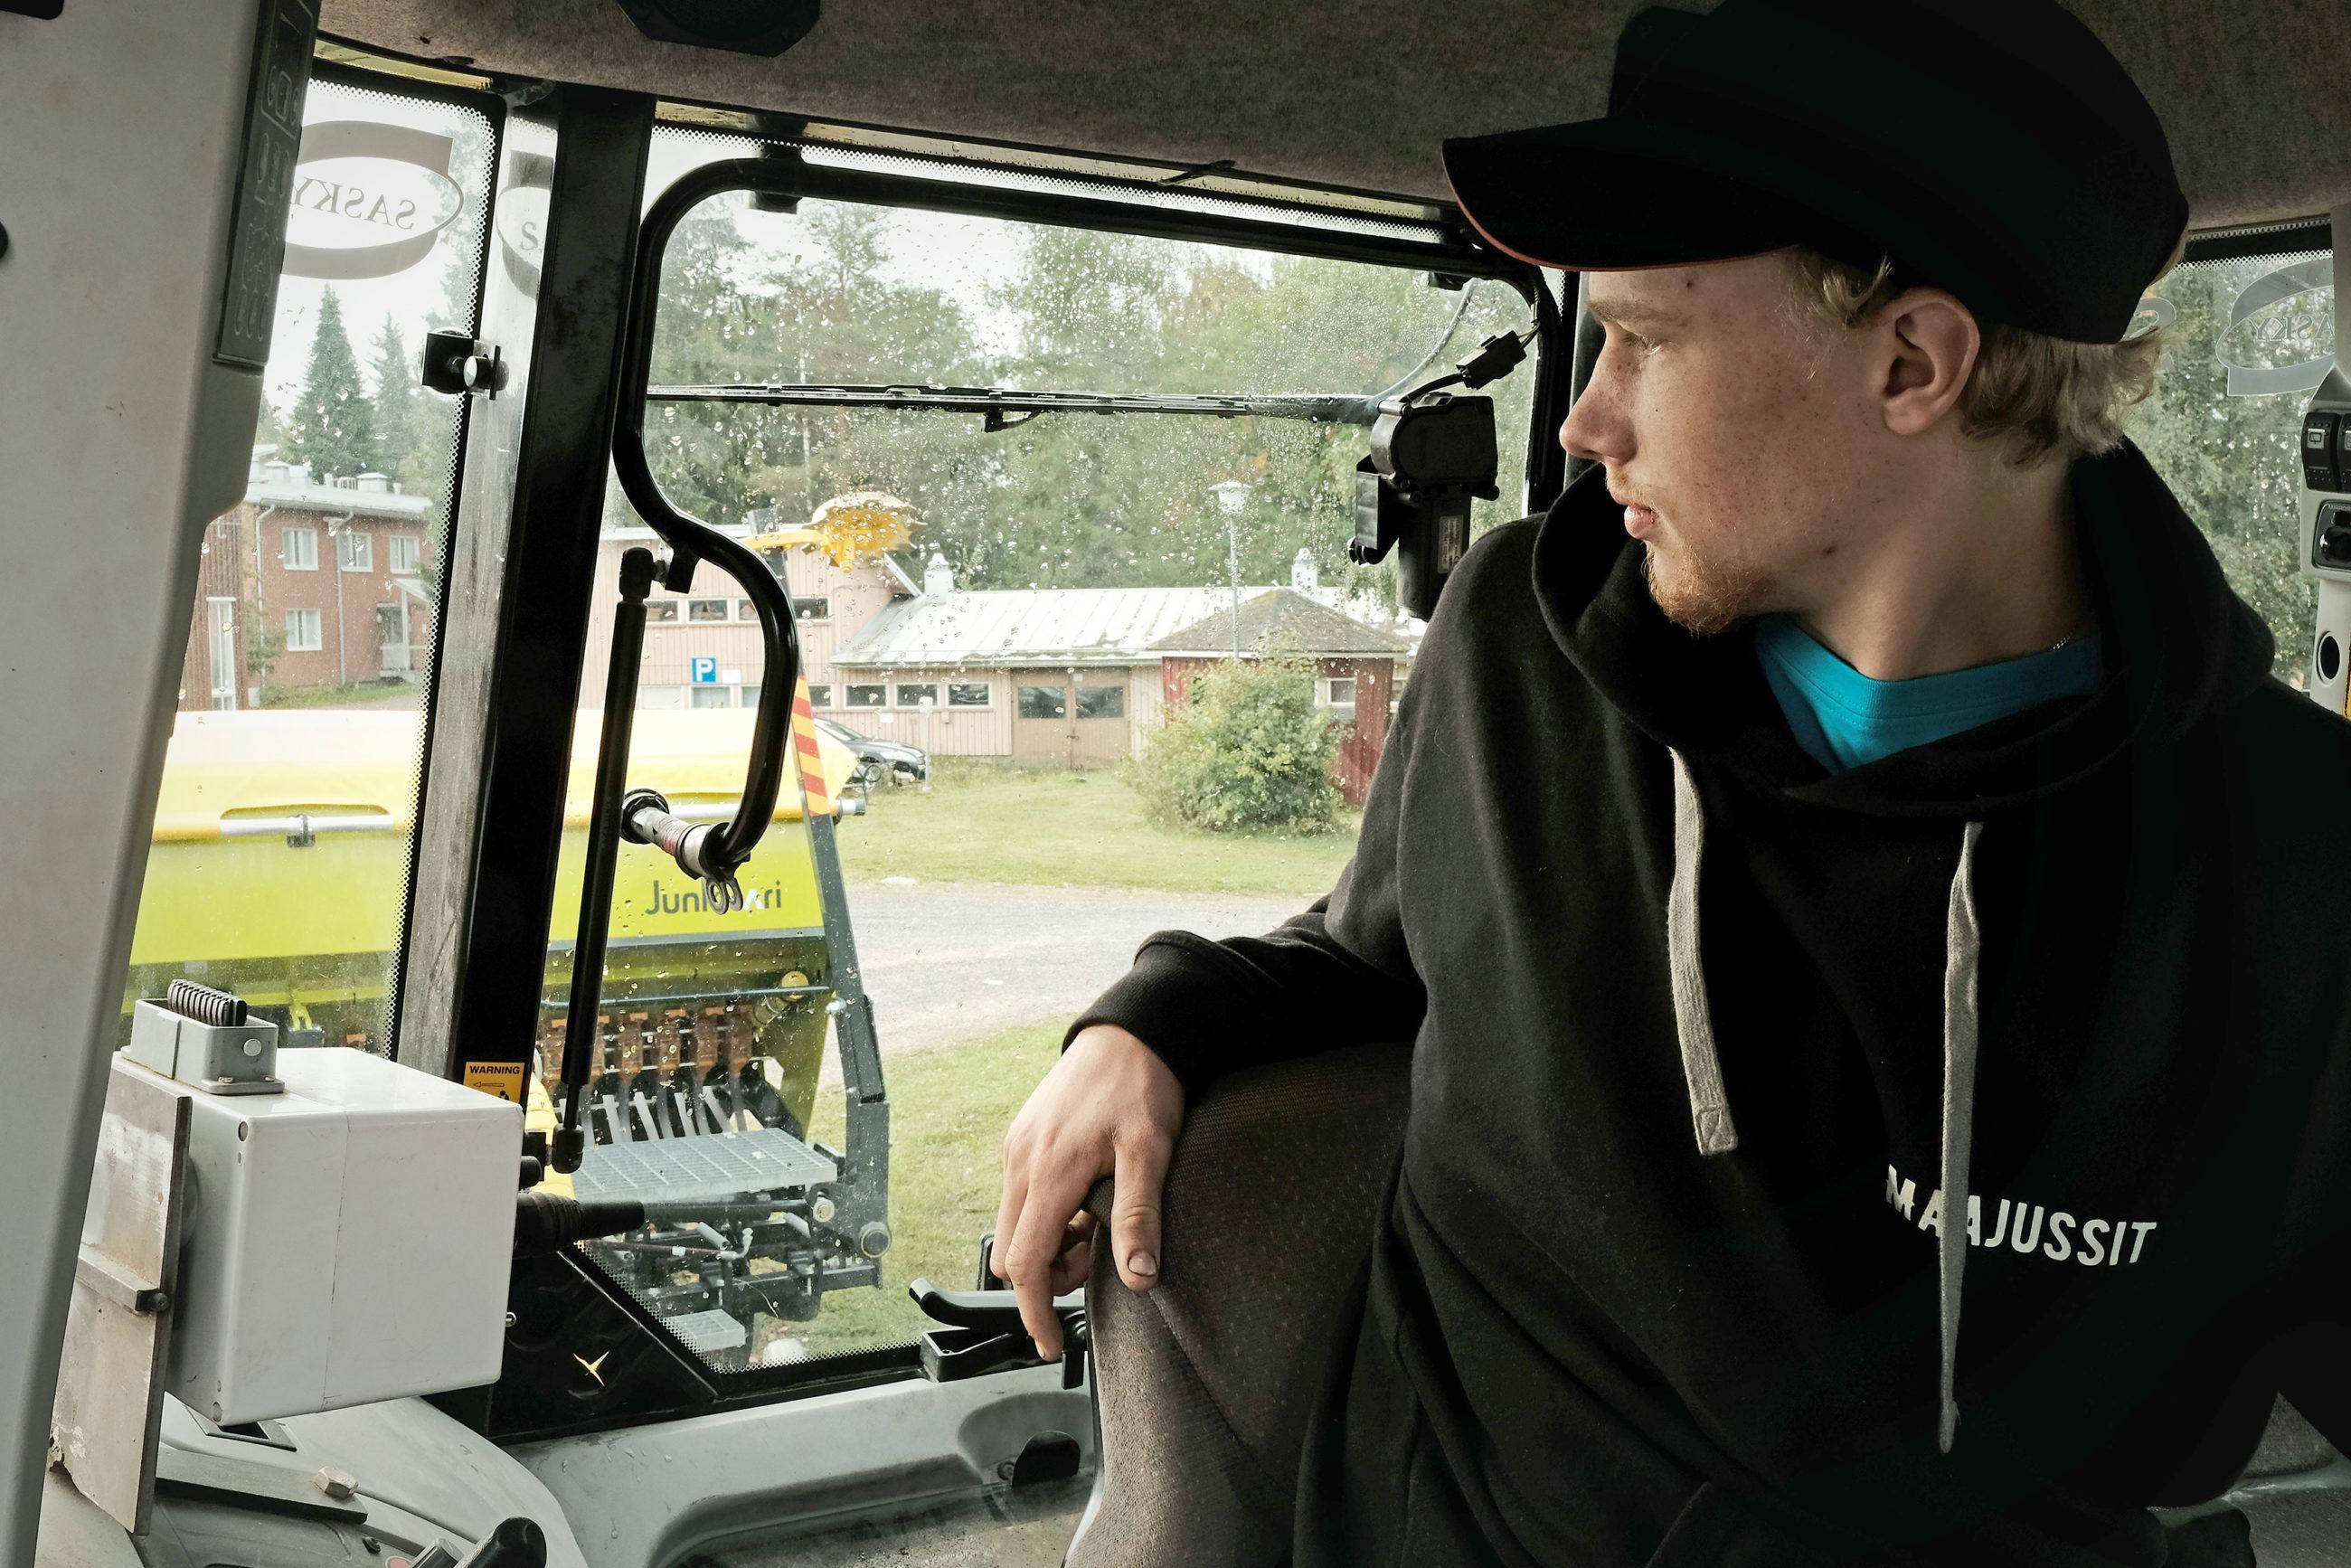 Lippalakkipäinen mies traktorin ohjaamossa, taustalla näkyy rakennuksia, mihen paidassa teksti: Maajussit.